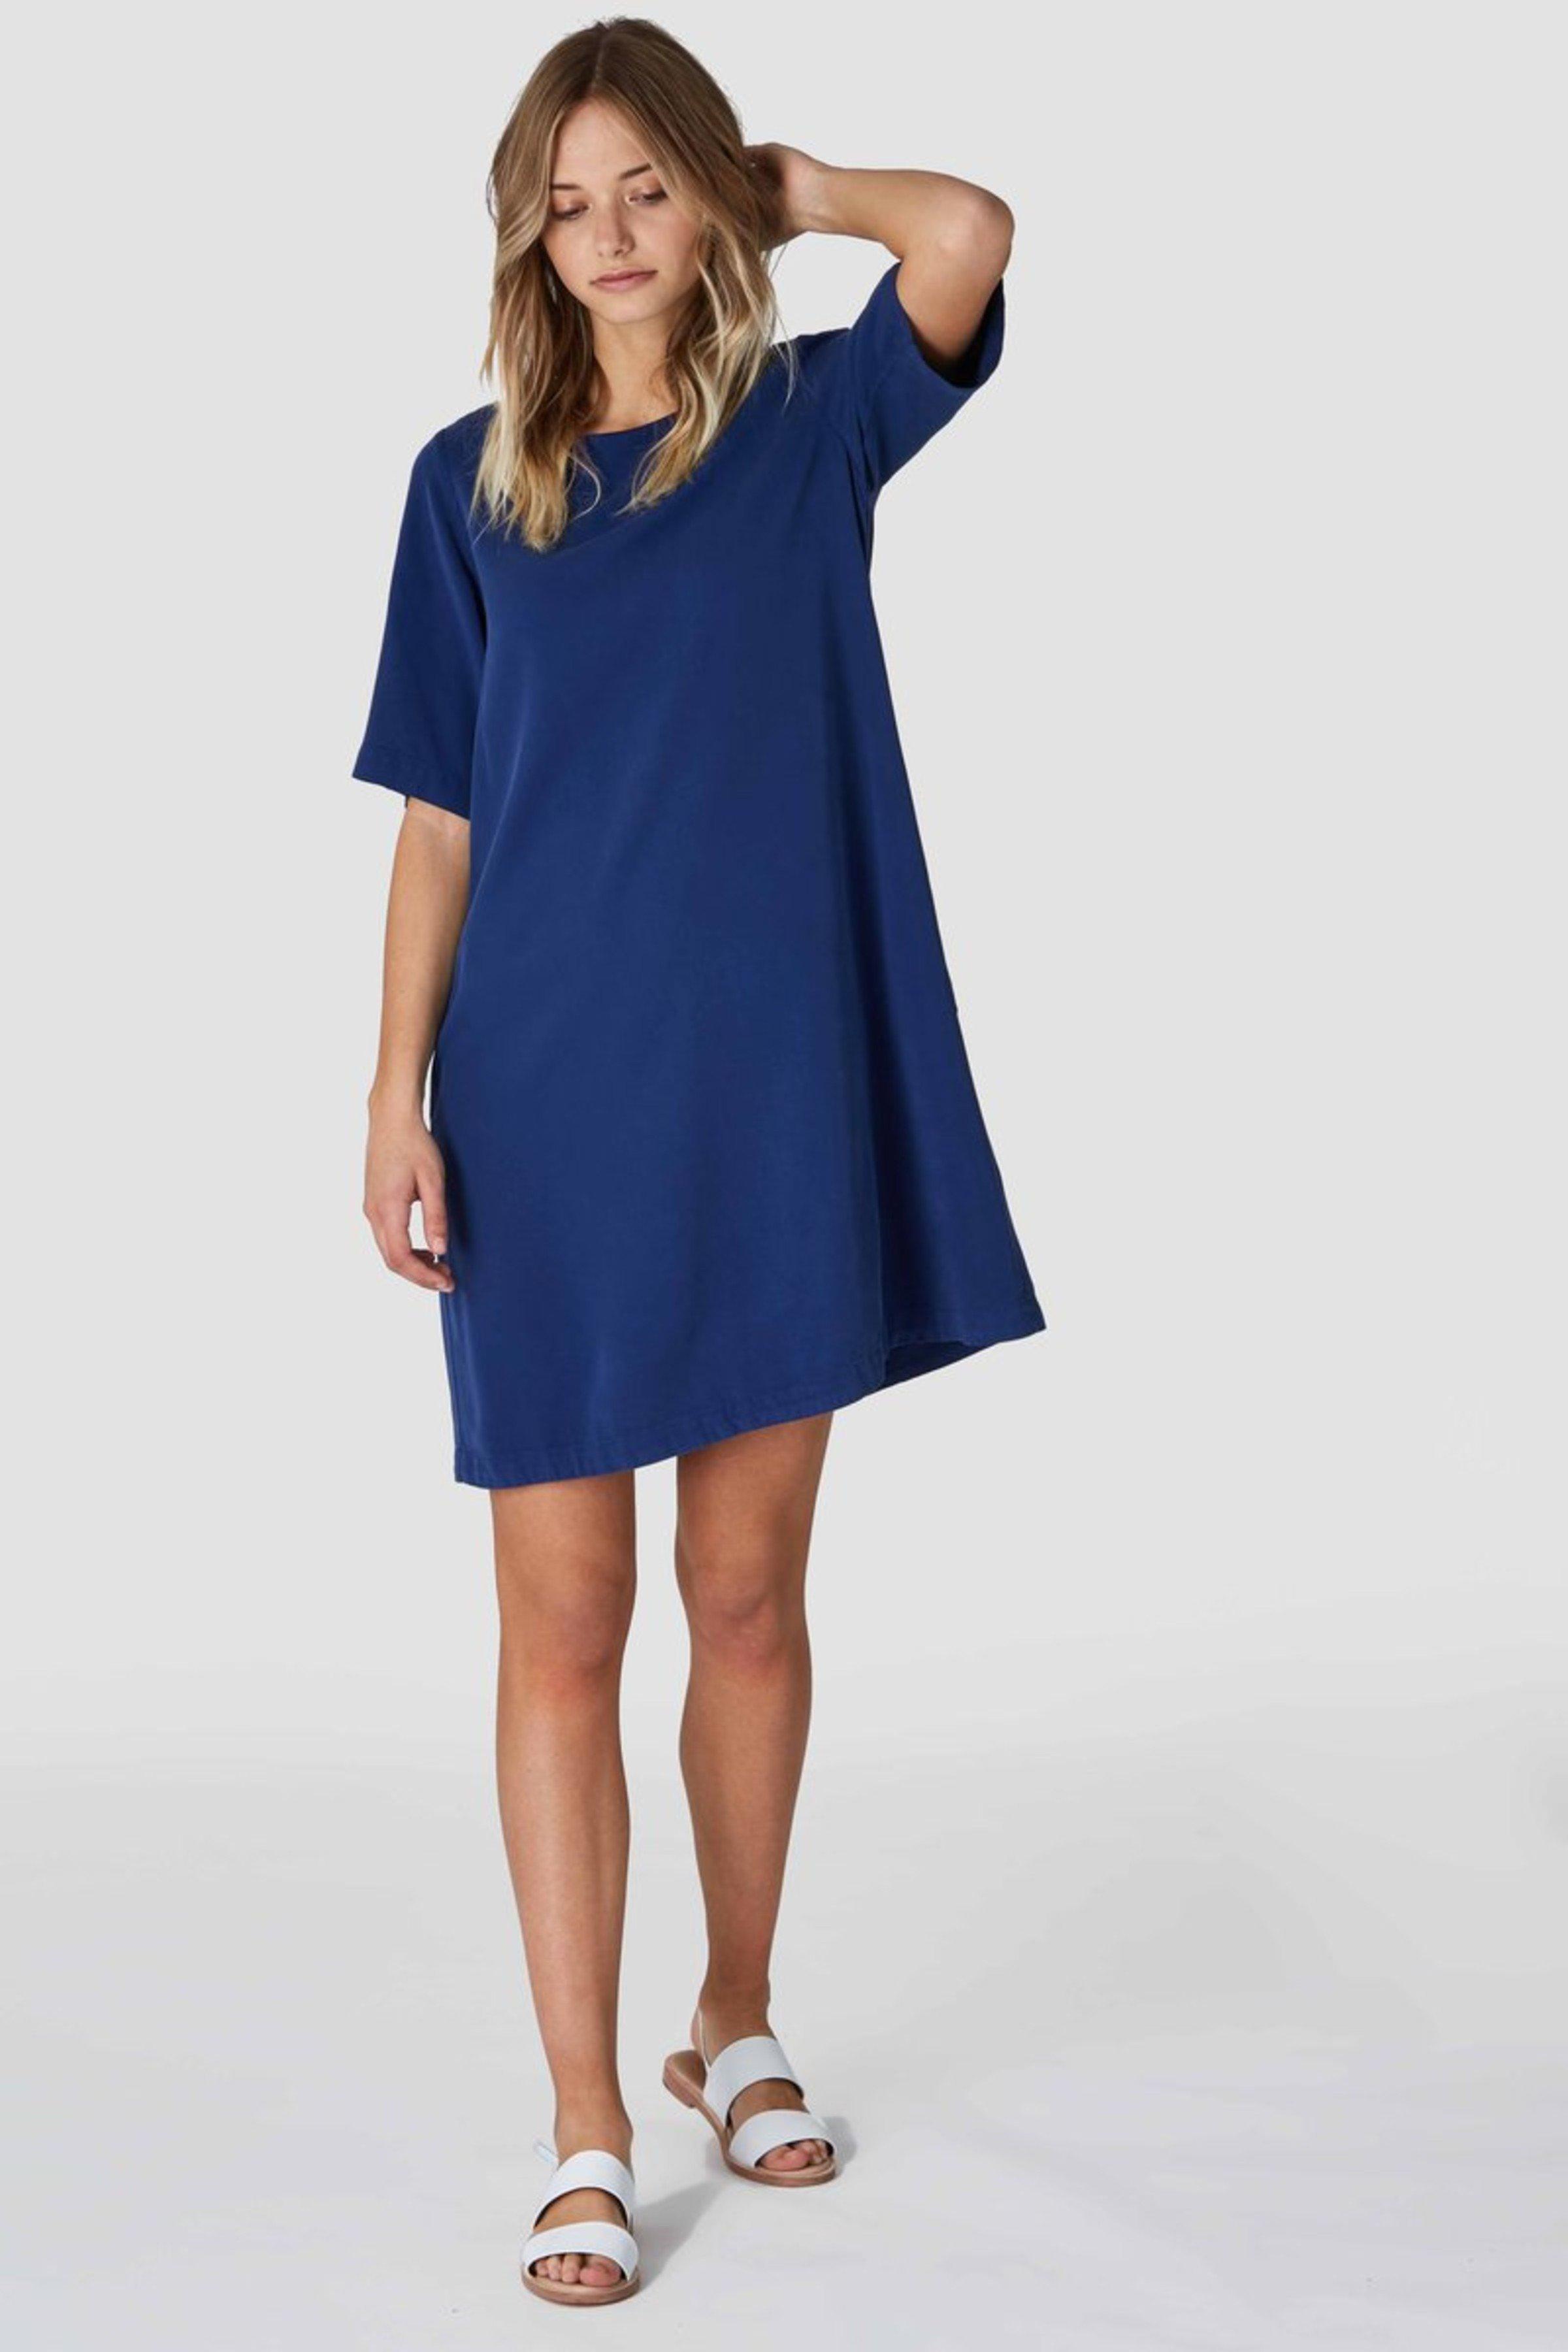 Kleid Ten Blau